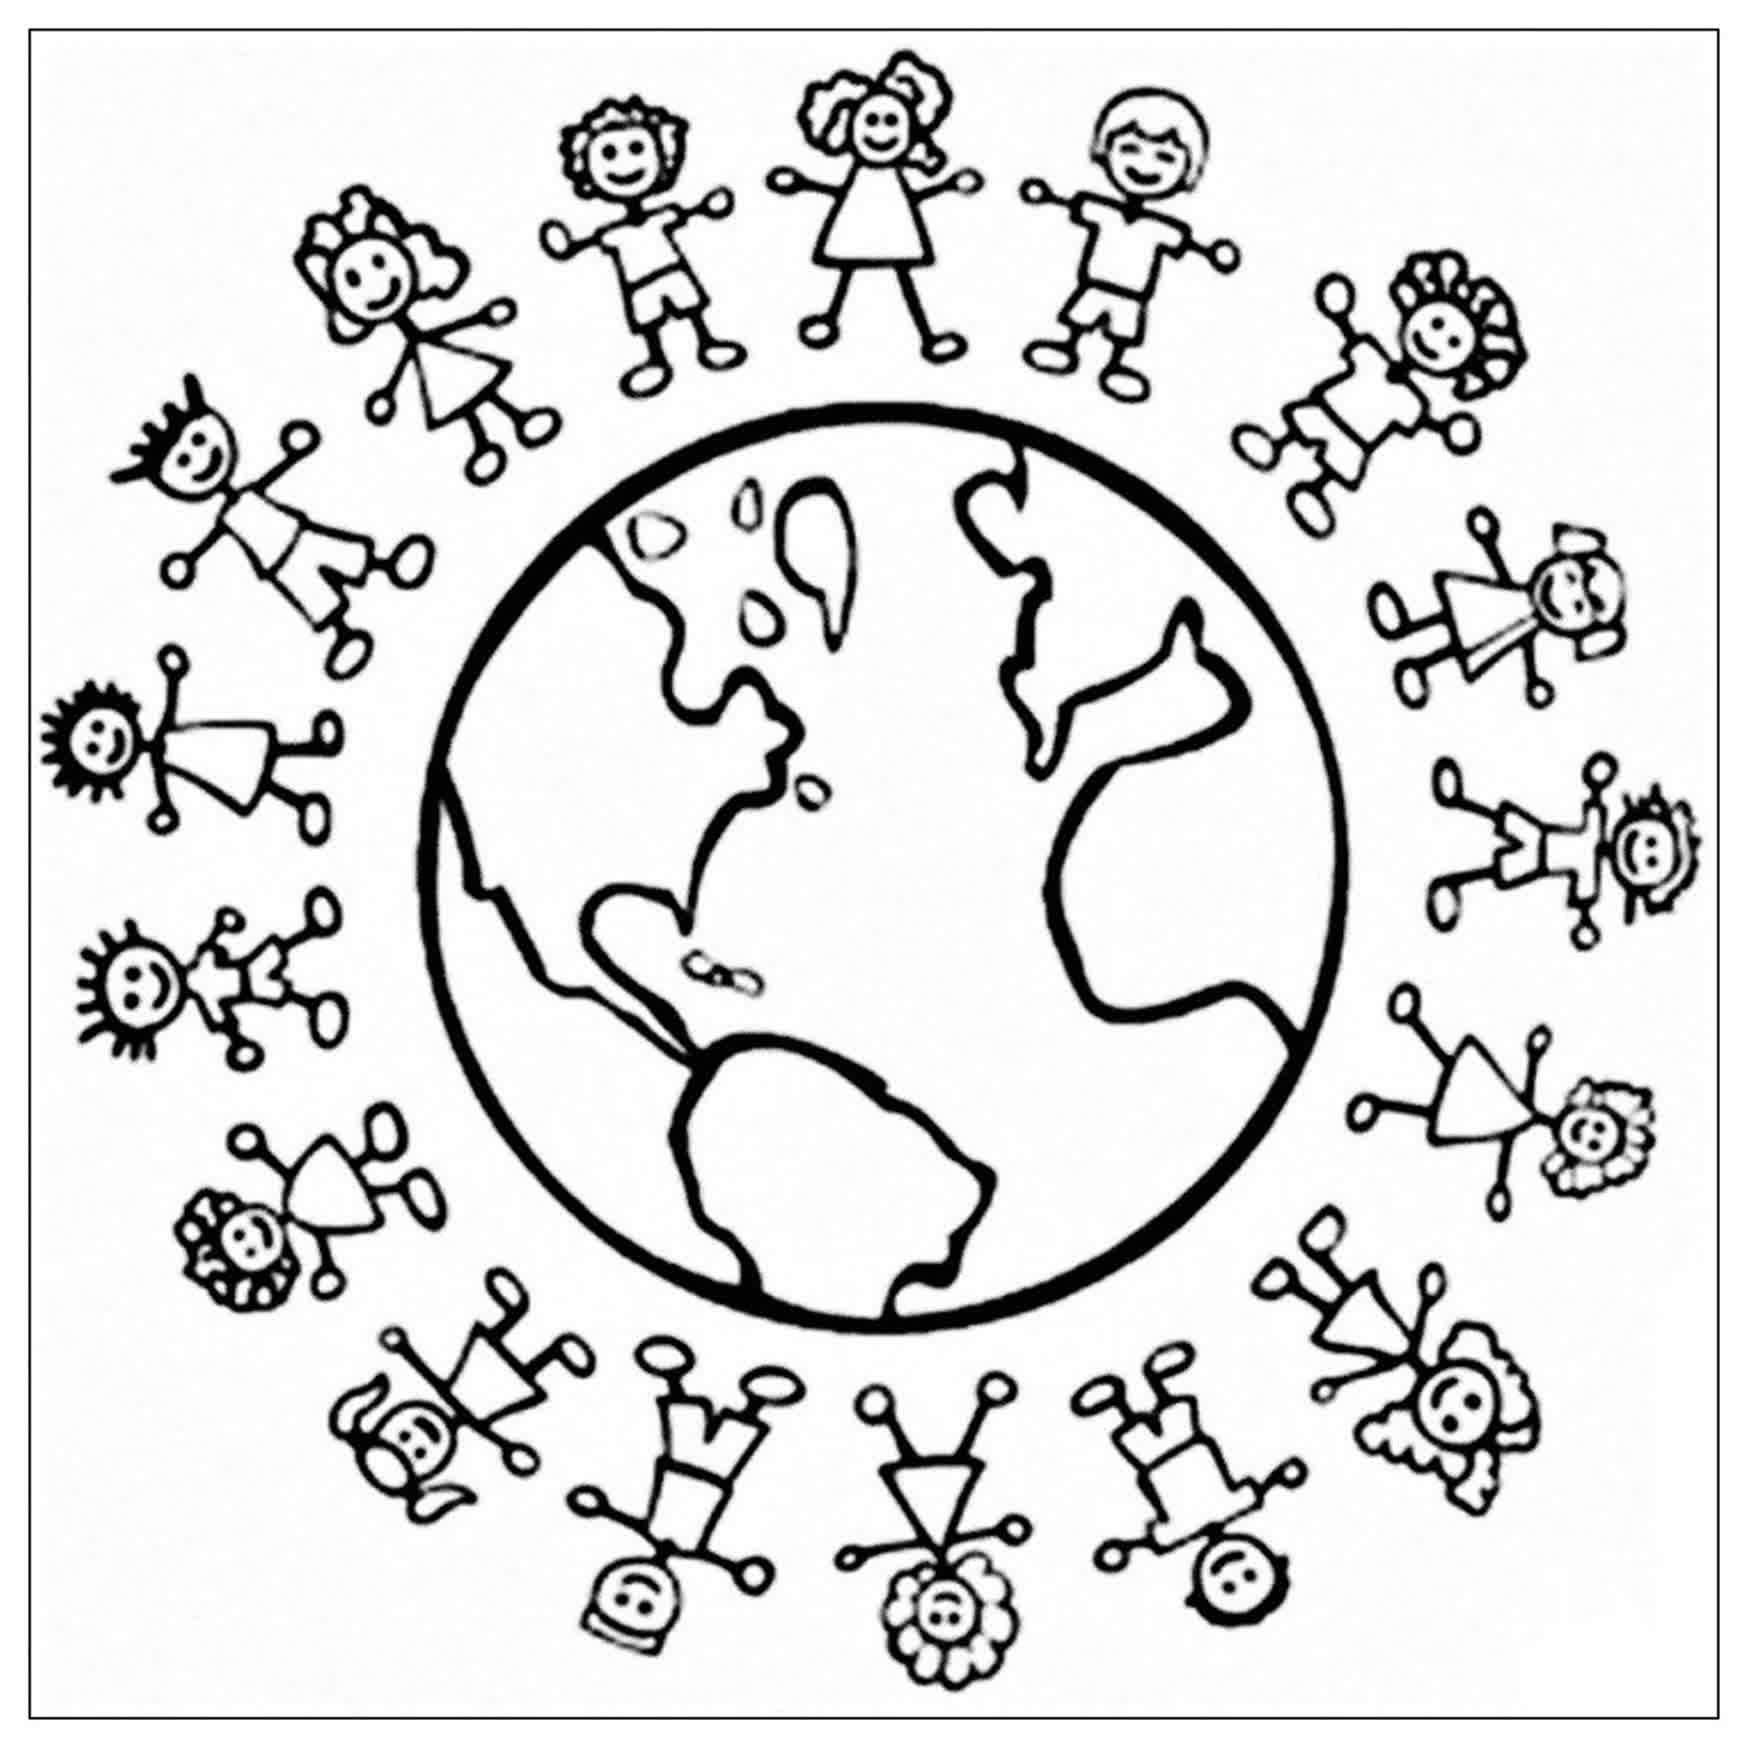 Disegni Da Colorare Di Bambini Intorno Al Mondo.30 Ricerca Disegni Bambini Del Mondo Da Colorare